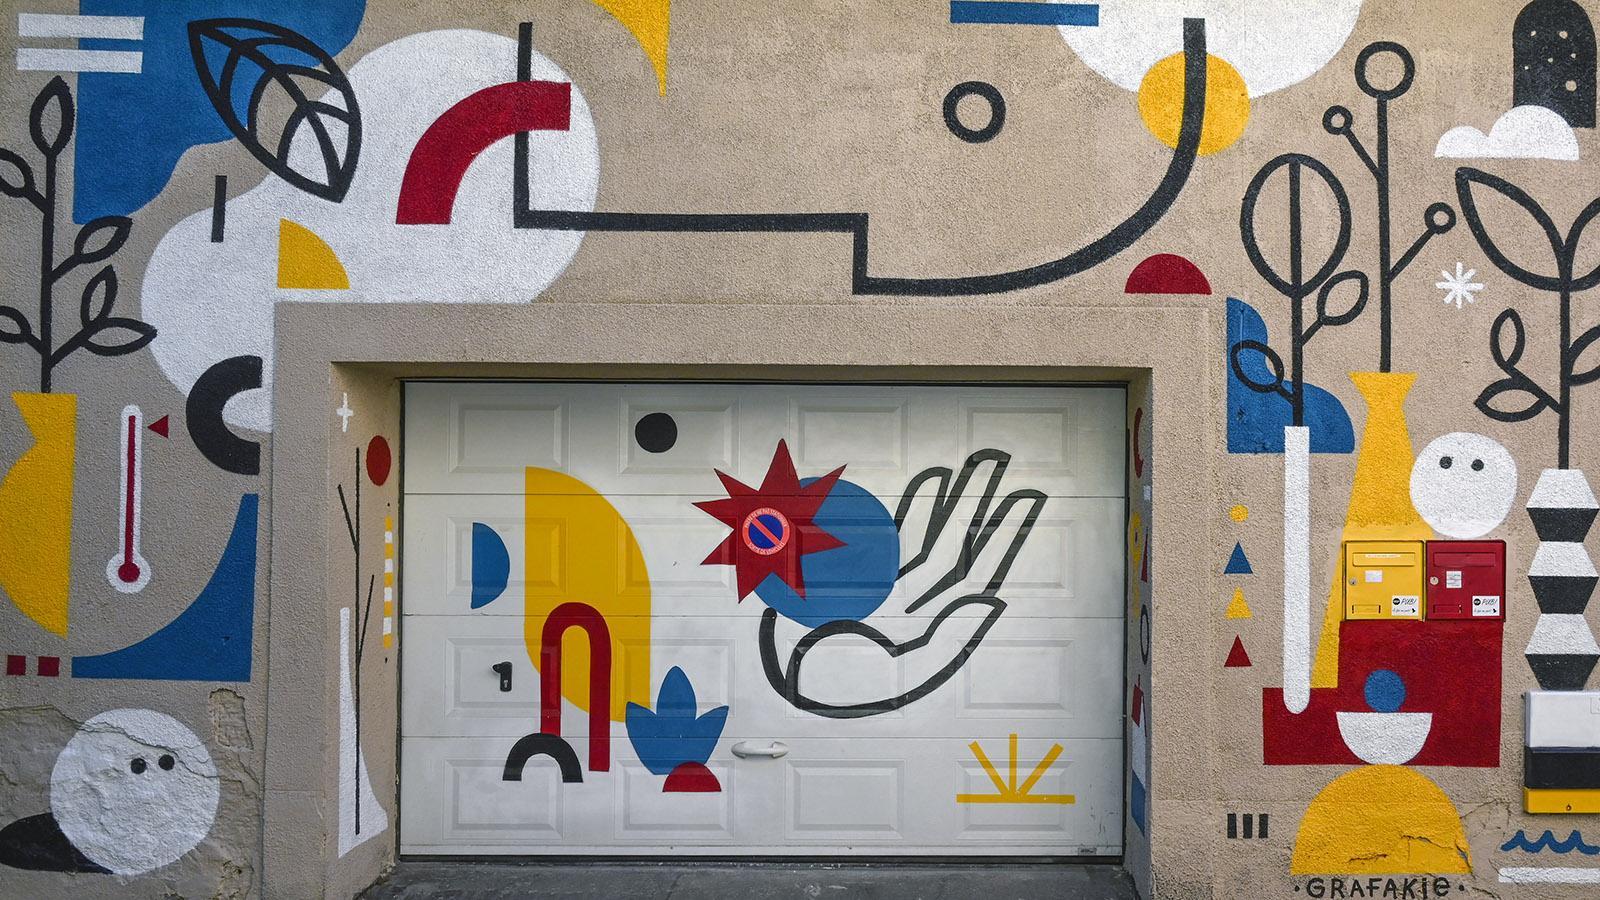 Grafikie, Rue des Bons Enfants 30. Foto: Hilke Maunder